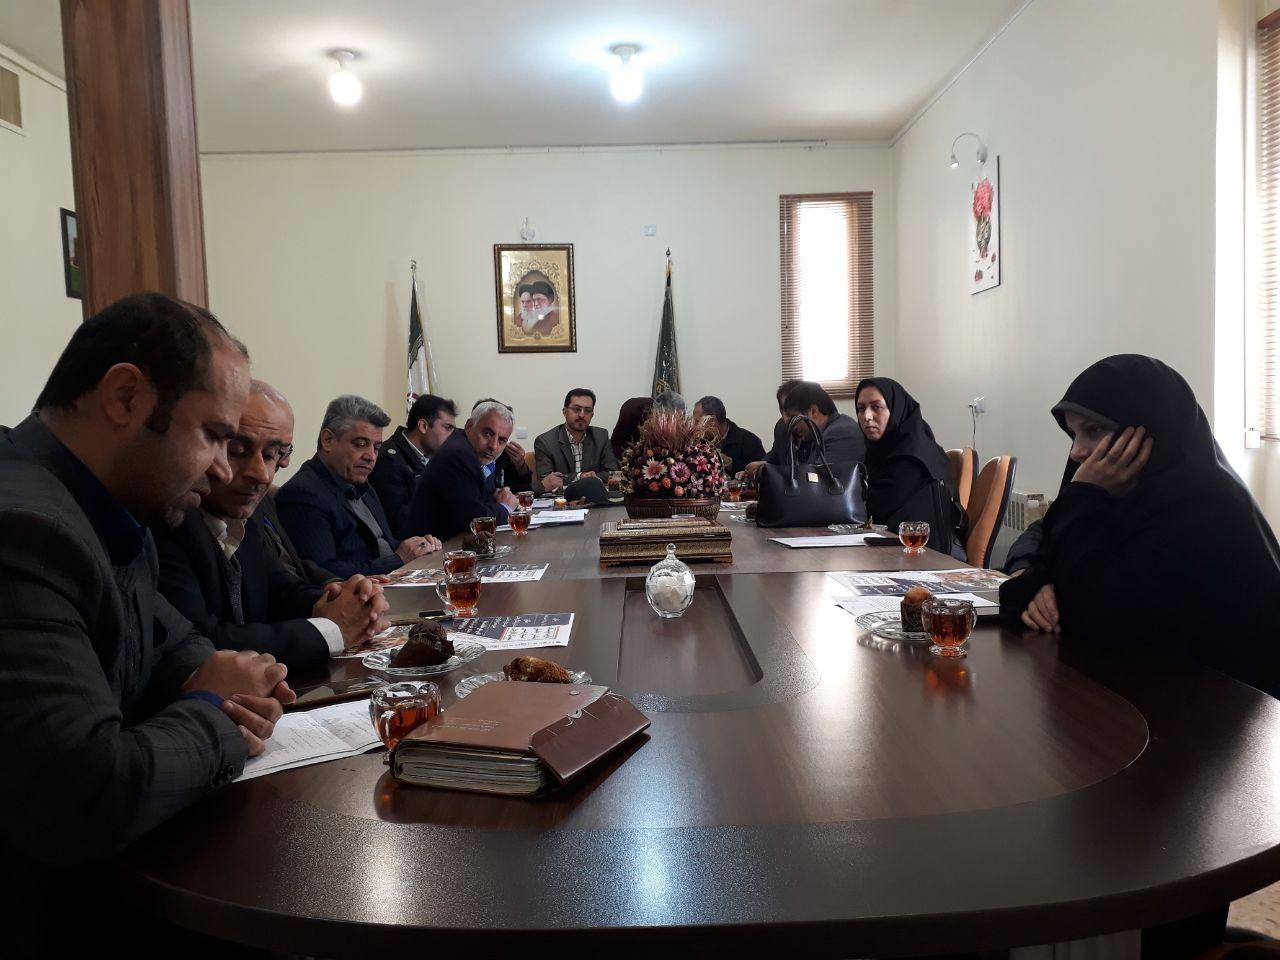 دومین جلسه کمیته ی فرهنگی تبلیغات قانون مبارزه باقاچاق کالا و ارز شهرستان فلاورجان برگزار شد